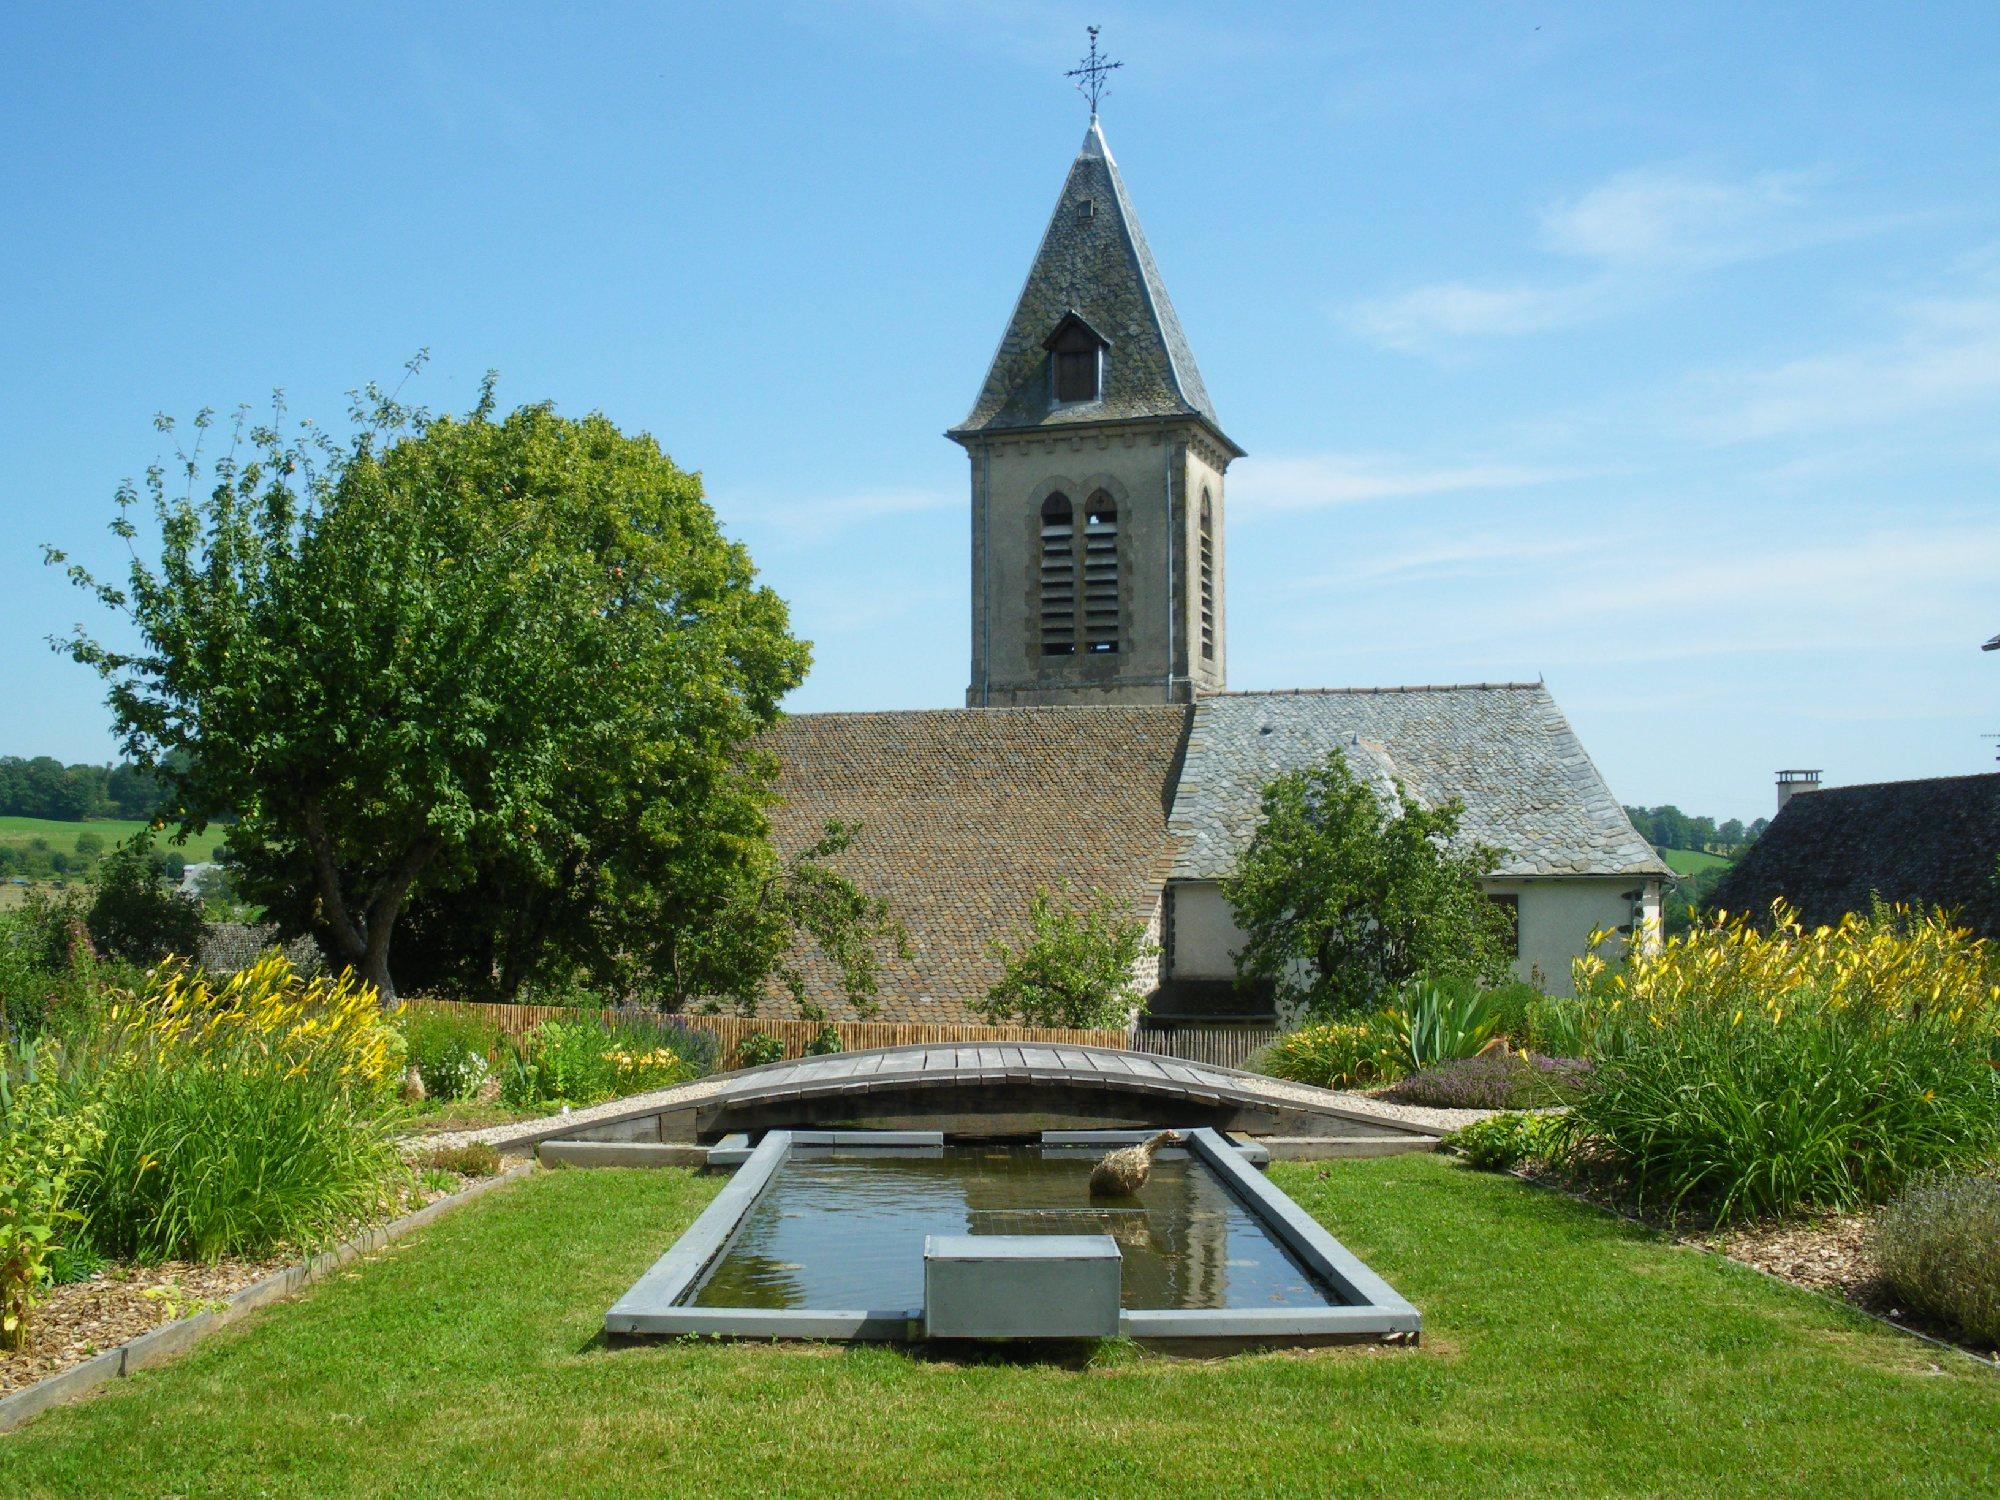 Le jardin des 5 sens visite tourisme aveyron for Jardin des sens vietnam